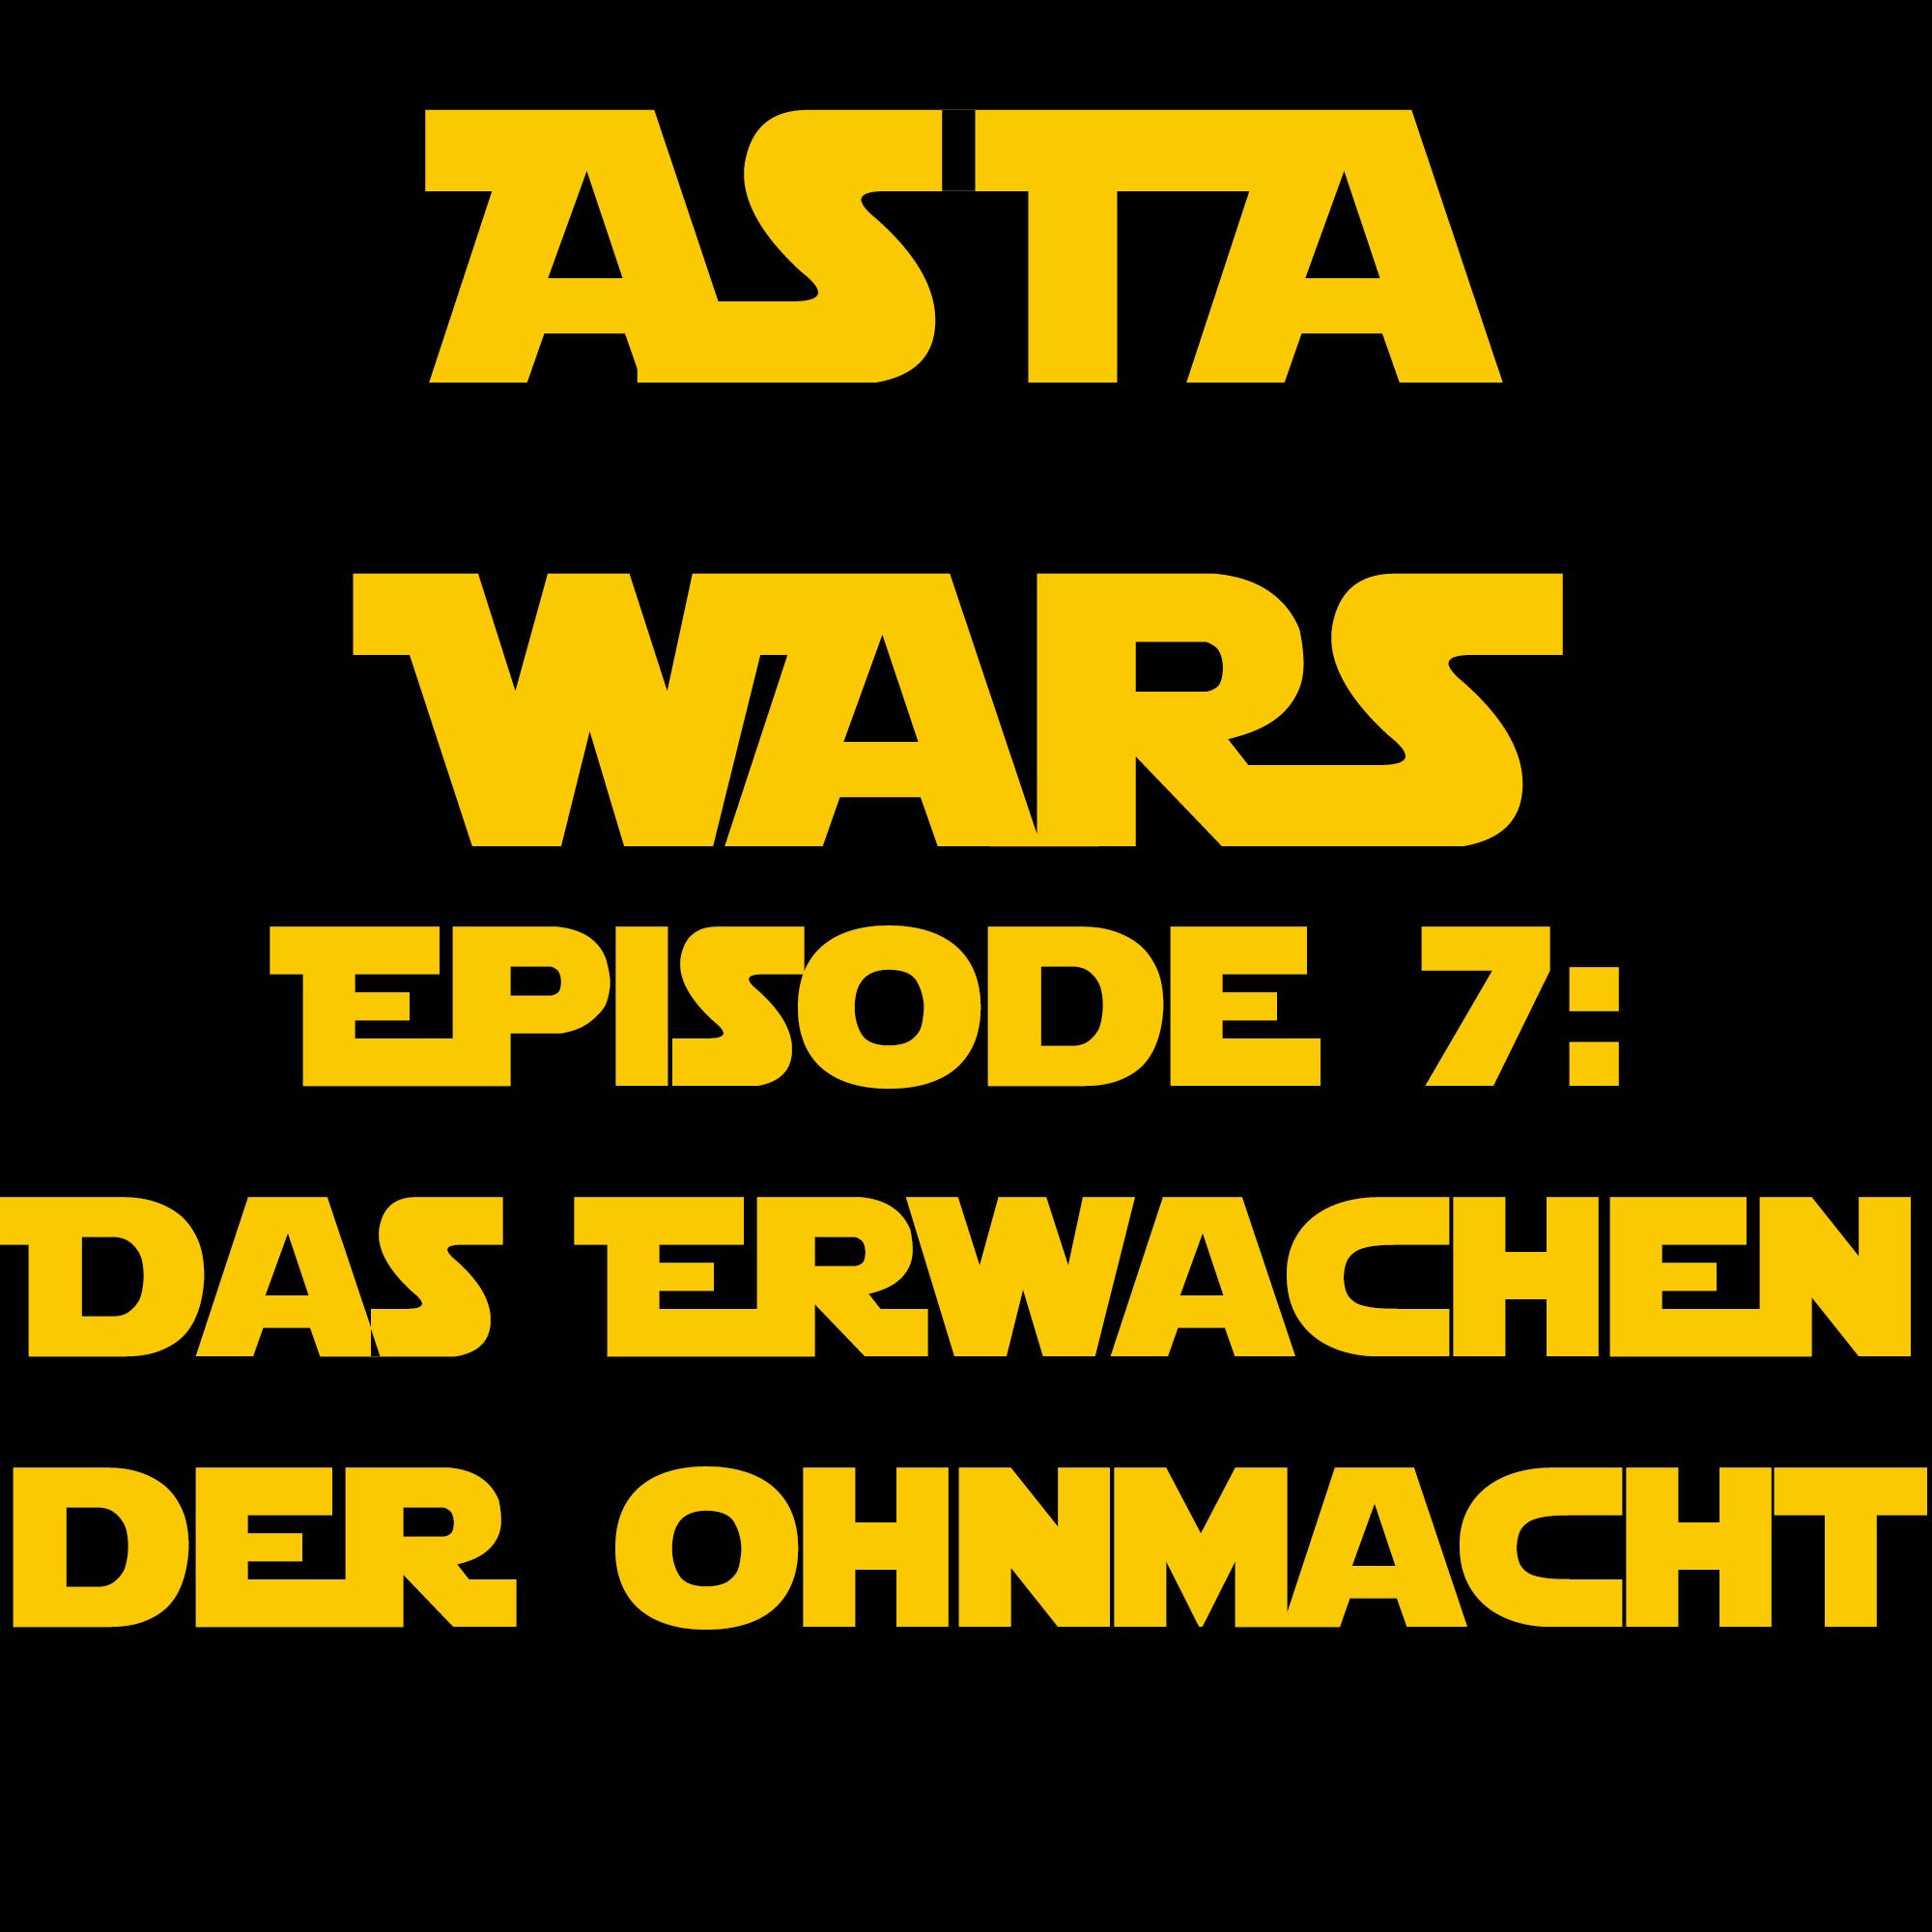 """""""AStA WARS - Episode 7: Das Erwachen der Ohnmacht""""-Logo, Quelle: msc"""